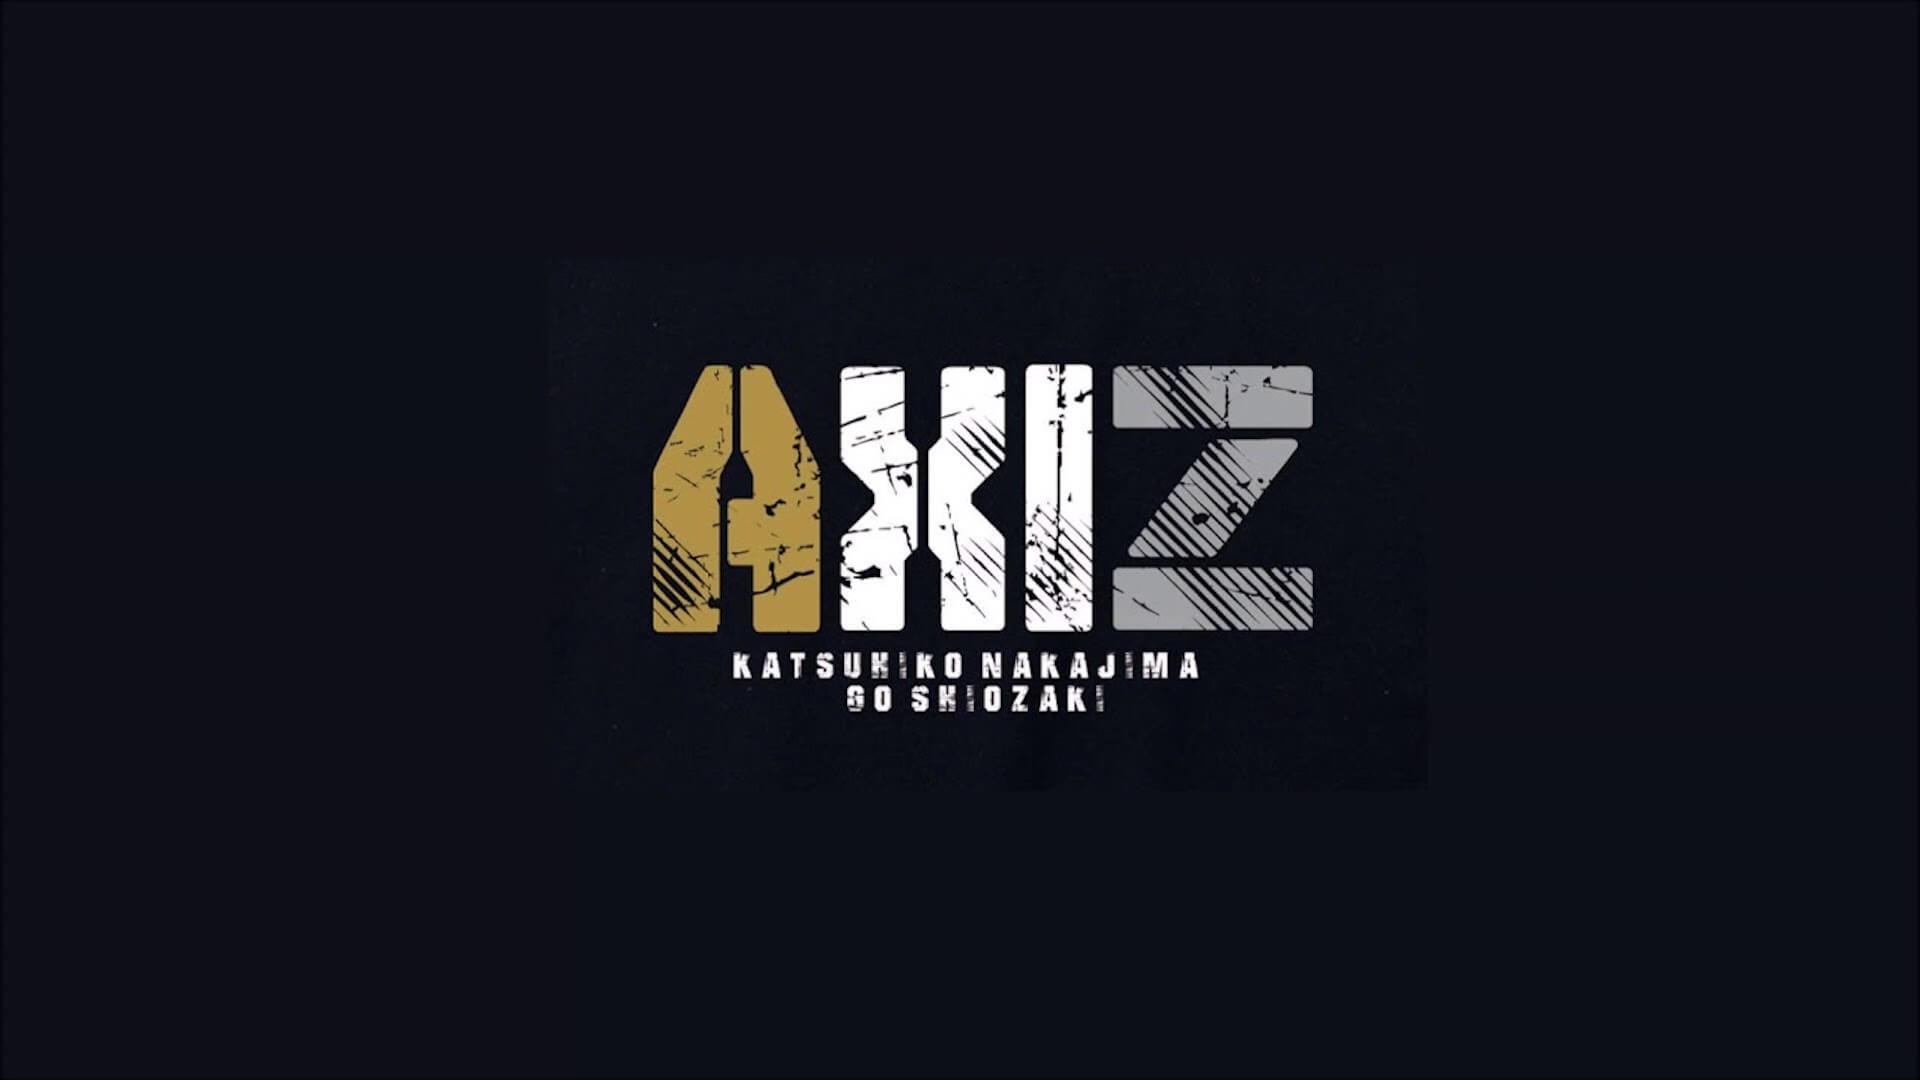 愛に満ちた名タッグ・AXIZ 3-1